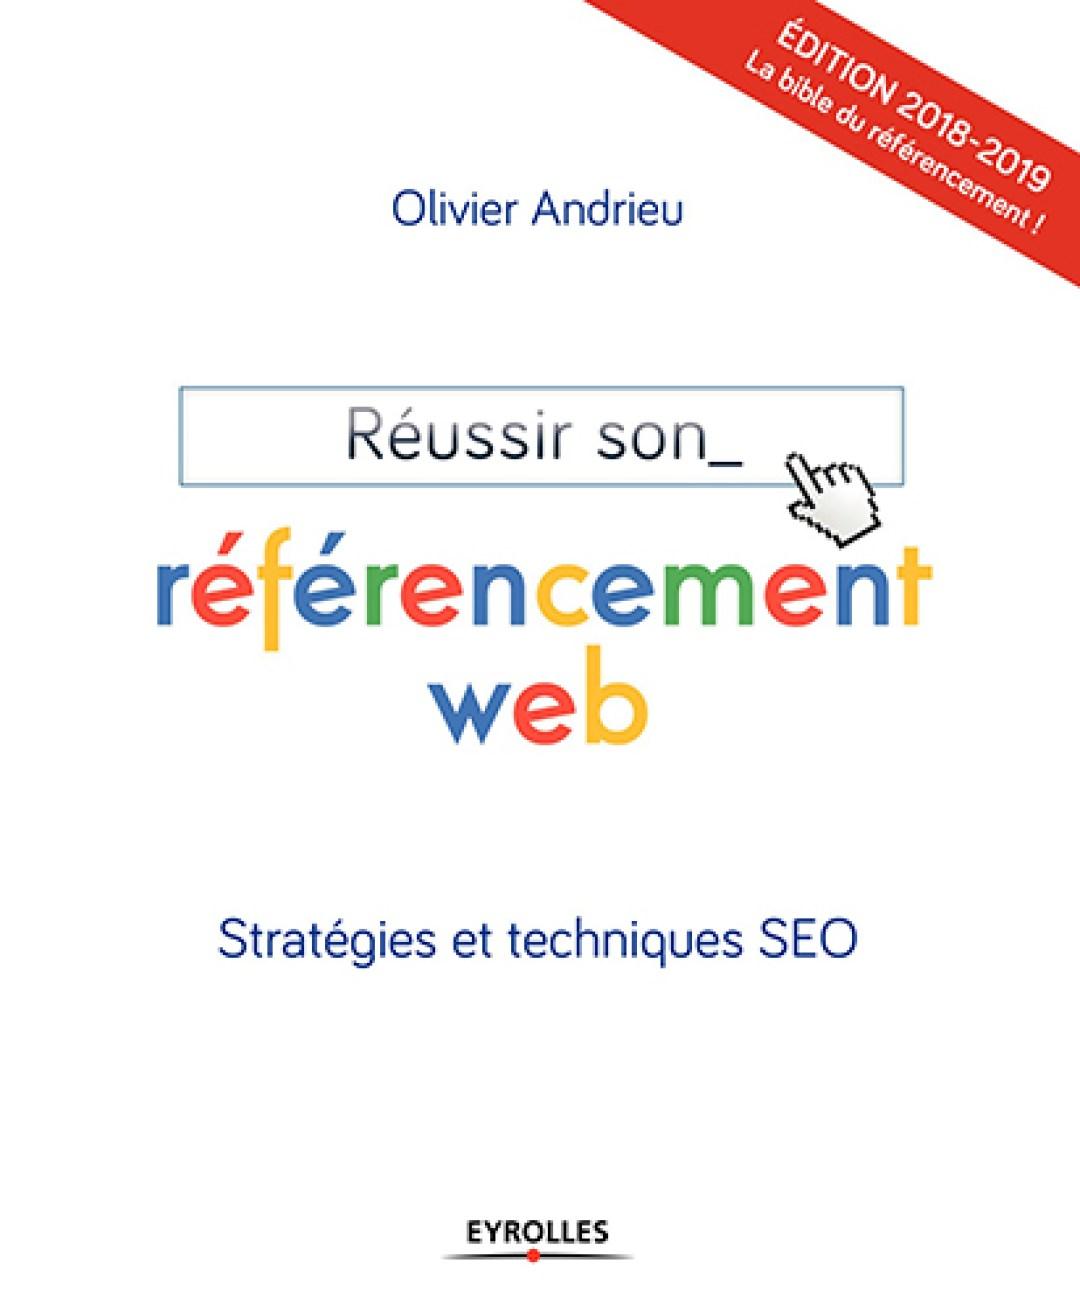 Réussir son référencement web: Edition 2016-2017. Stratégies et techniques SEO